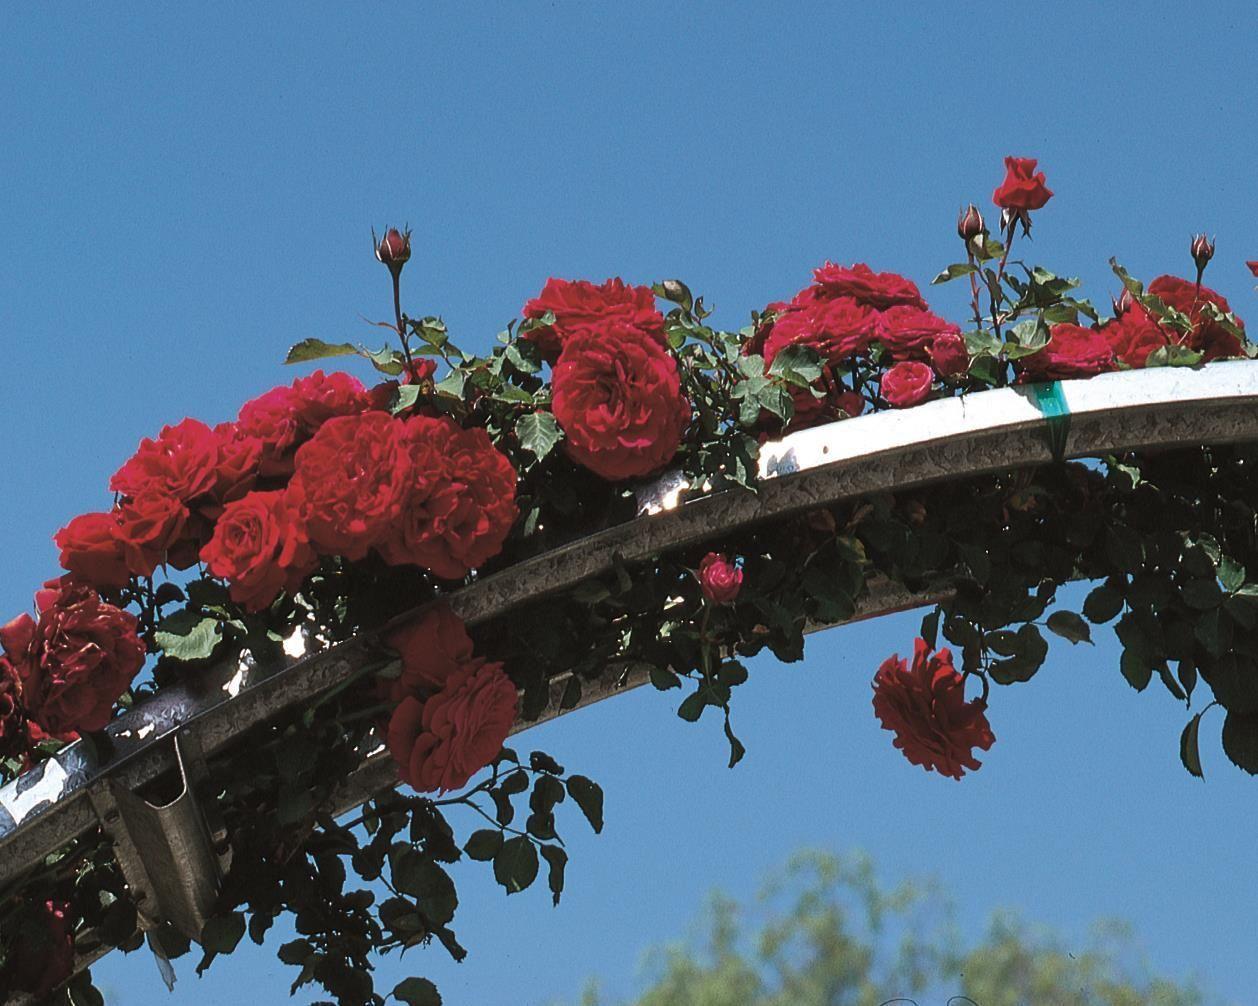 juan roses rose climbing types floribunda tea landscaping witherspoon culture